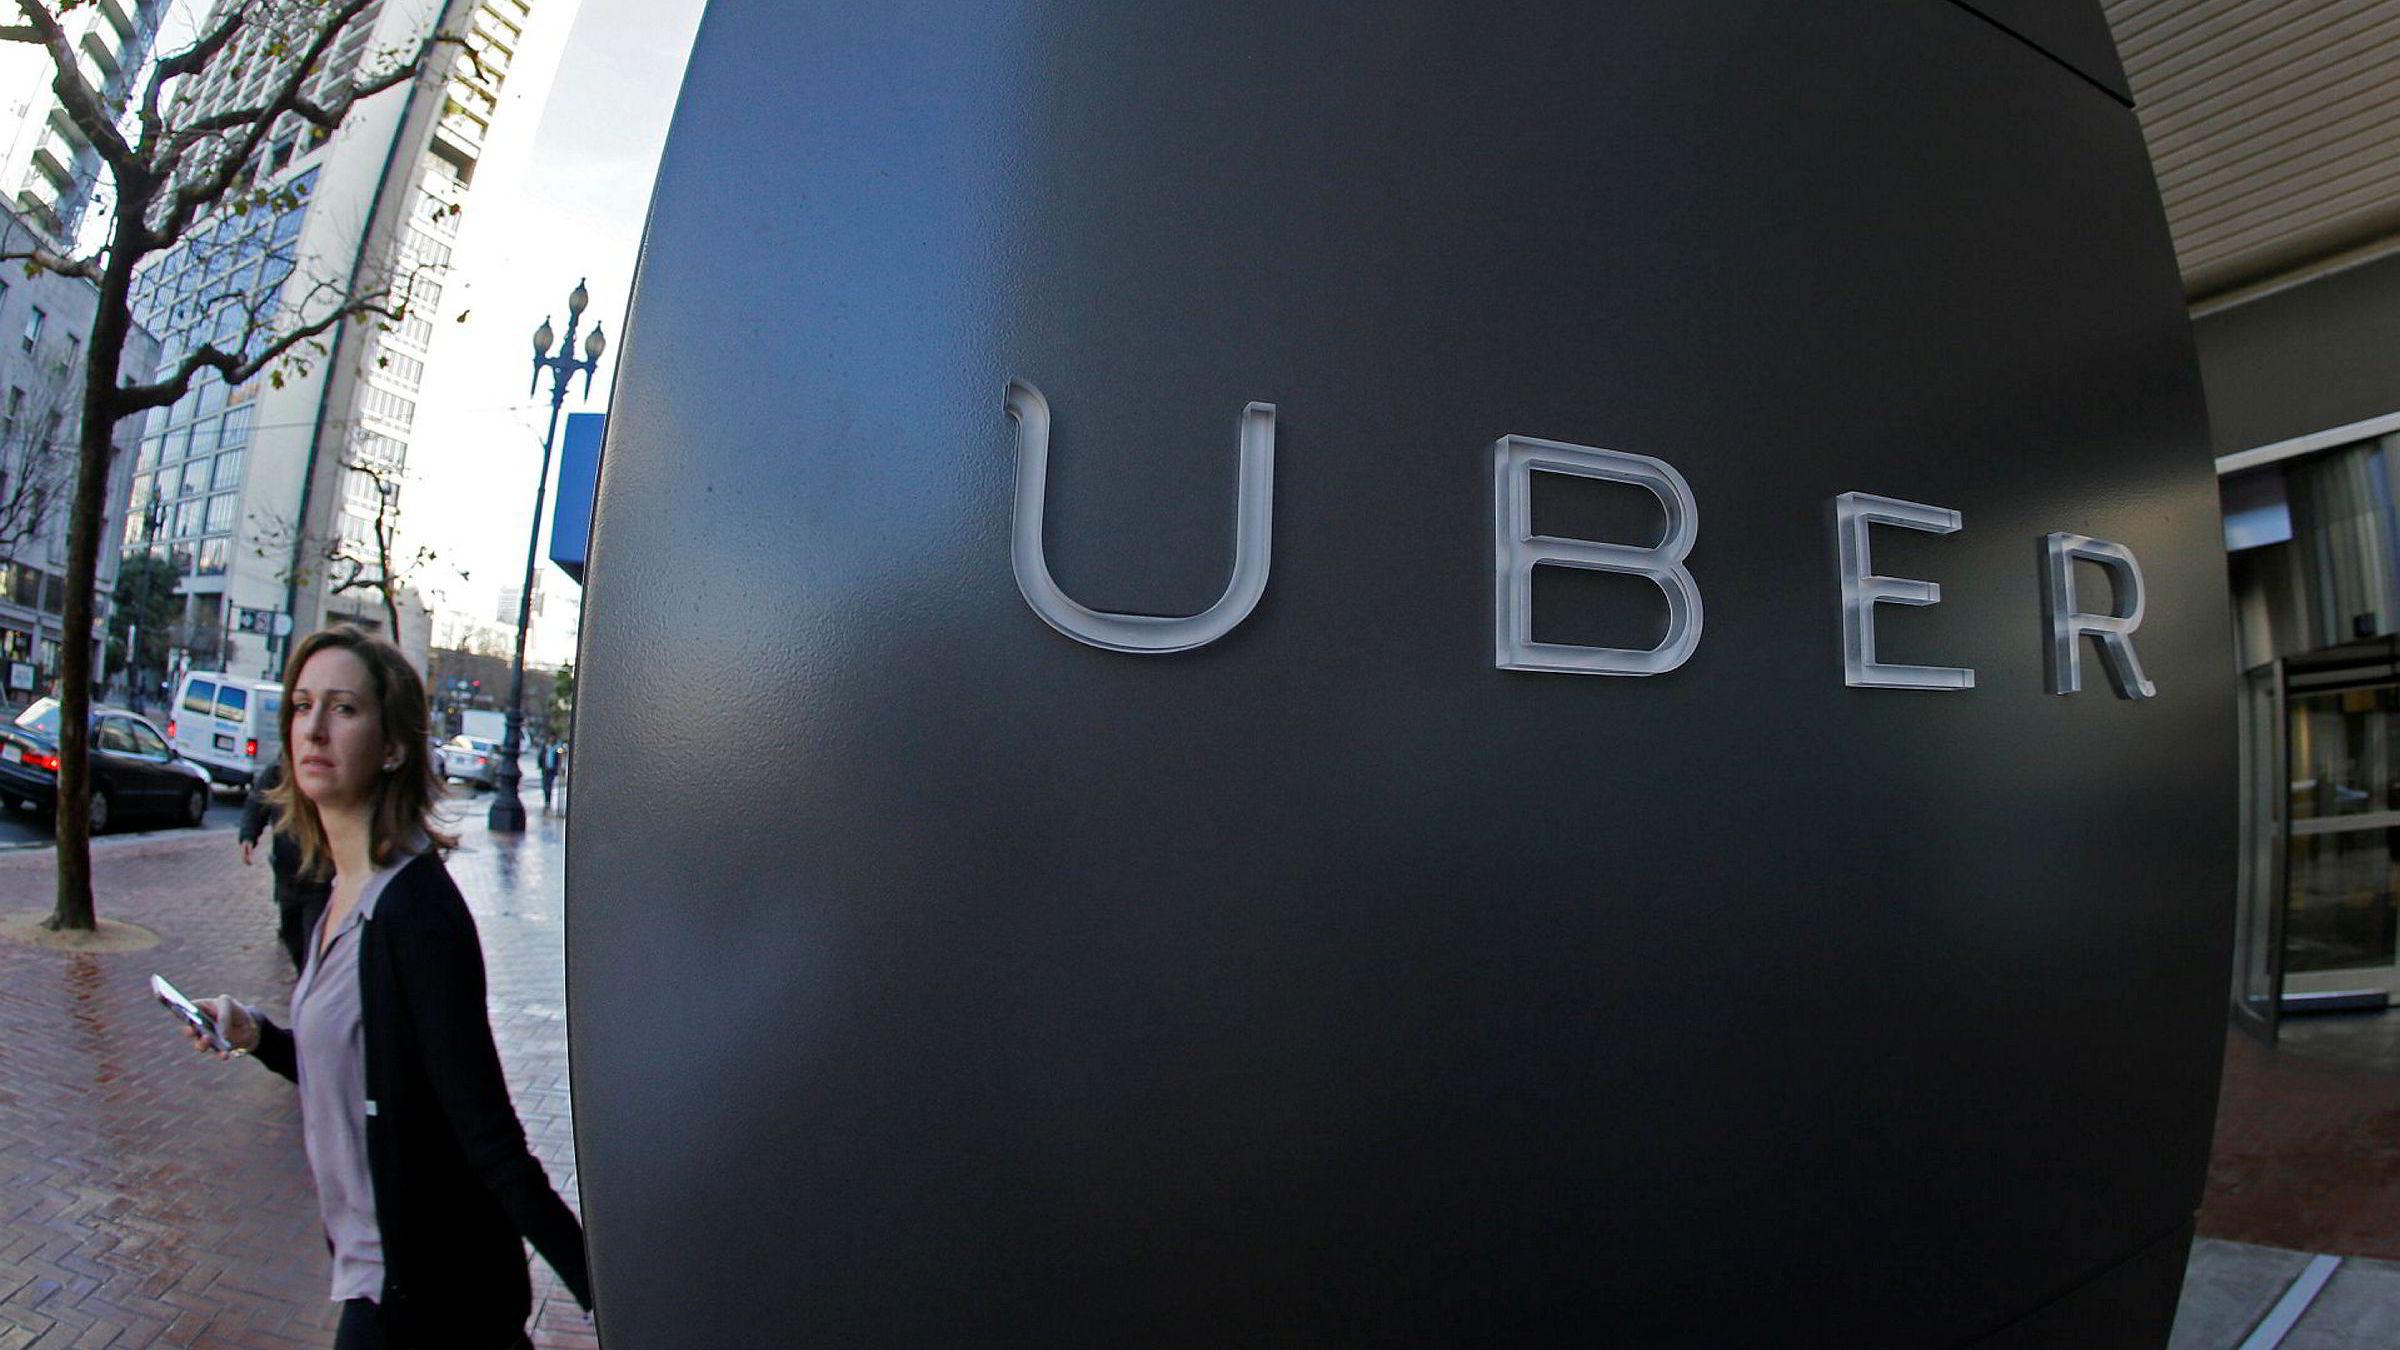 Vi lever vi under optimale forhold for nylanseringer. Å gå fra å bruke taxi til Uber krever minimalt med innsats. Men kan Uber lene seg tilbake og regne med lojale kunder?, spør artikkelforfatteren.